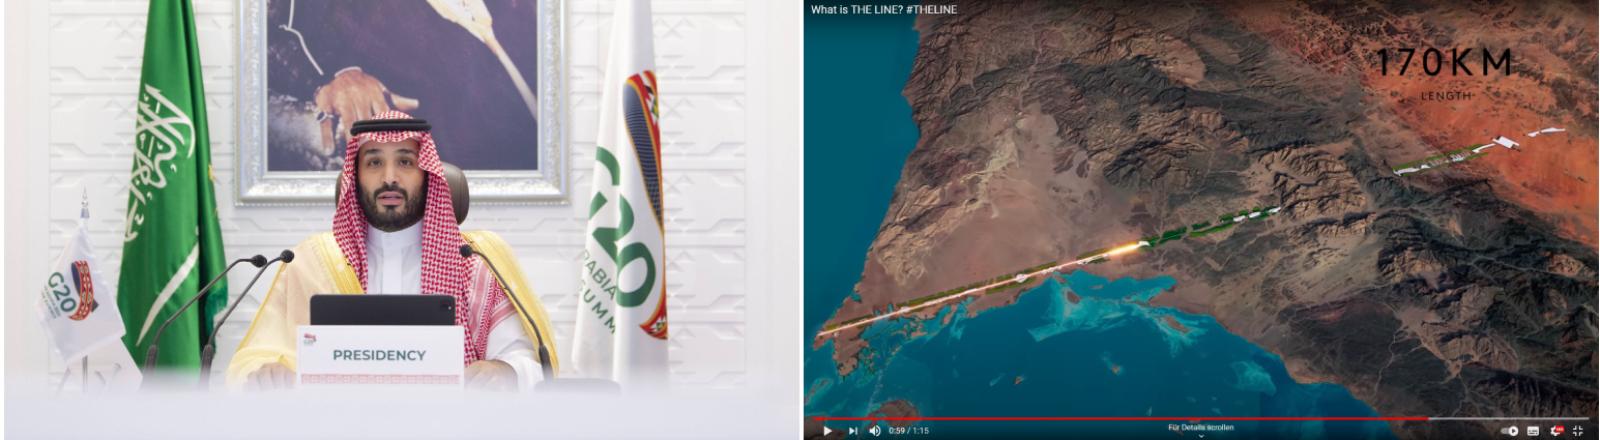 Kronprinz Mohammed bin Salman im November 2020 und Screenshot aus dem Präsentationsvideo zu der Stadt The Line